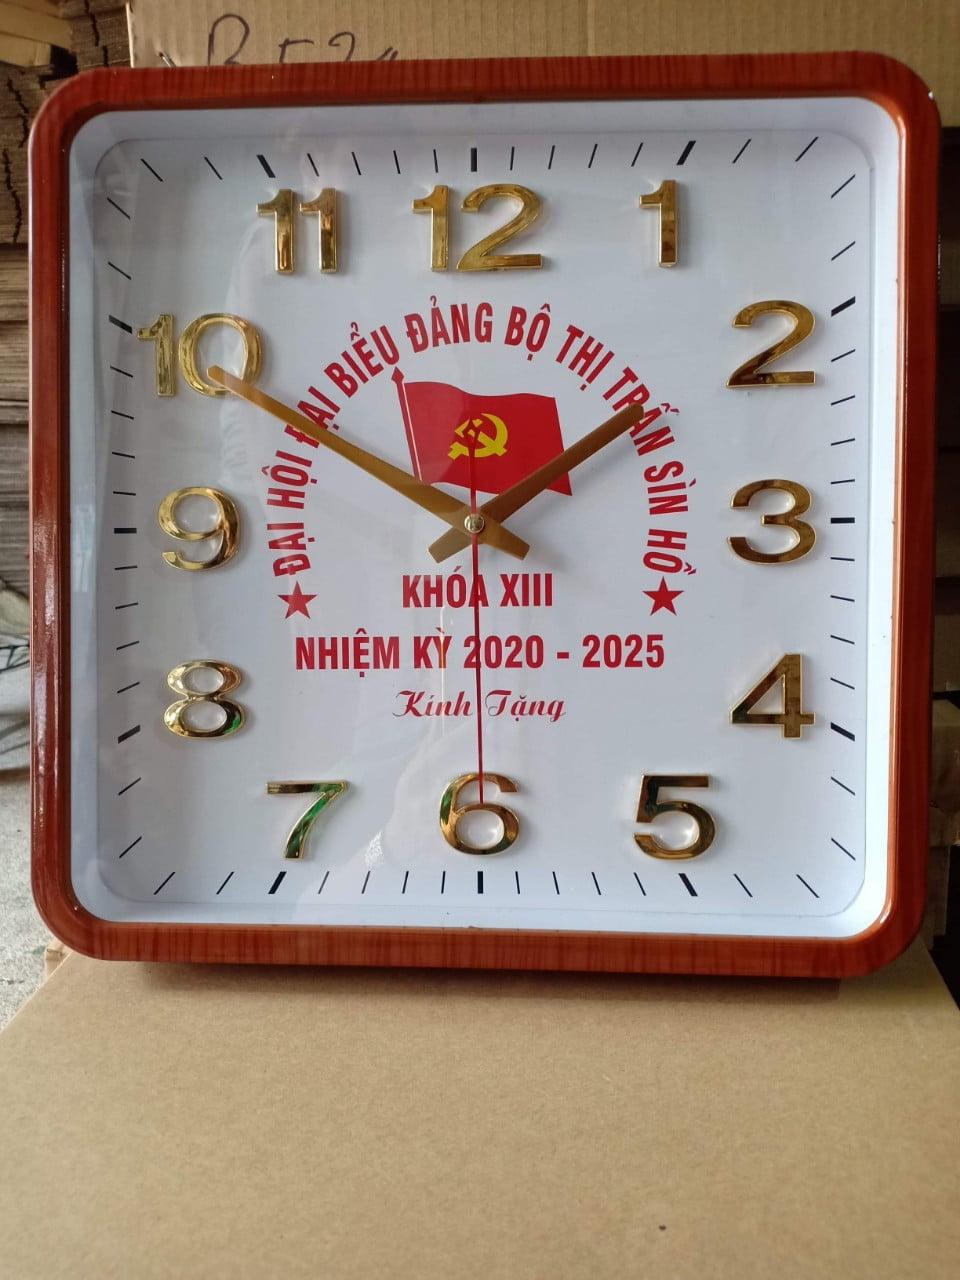 Qùa tặng là đồng hồ in logo mang tính ứng dụng cao